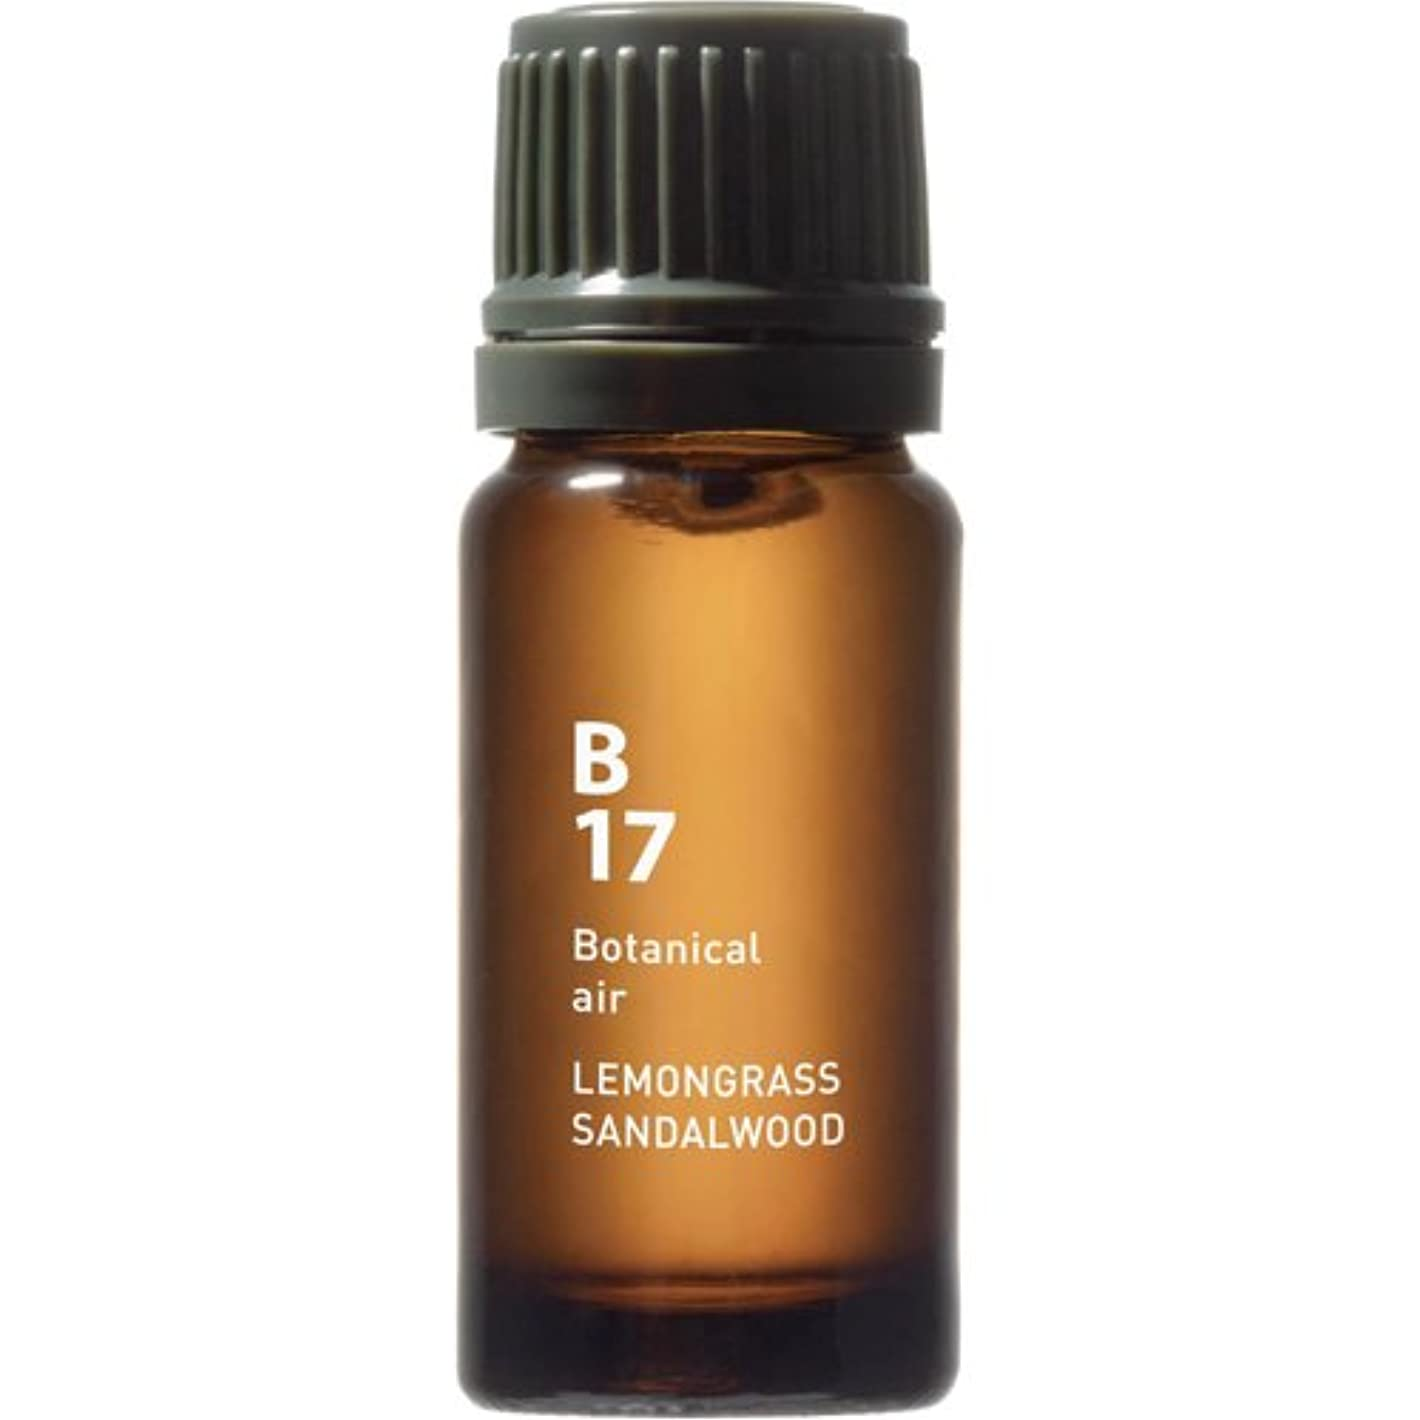 運河岩確実B17 レモングラスサンダルウッド Botanical air(ボタニカルエアー) 10ml